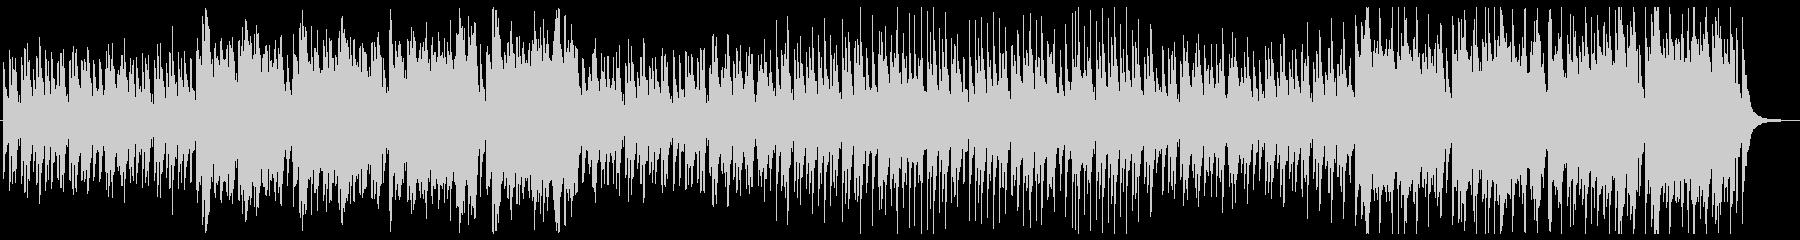 太鼓・笛・三味線によるお祭り的和風楽曲の未再生の波形